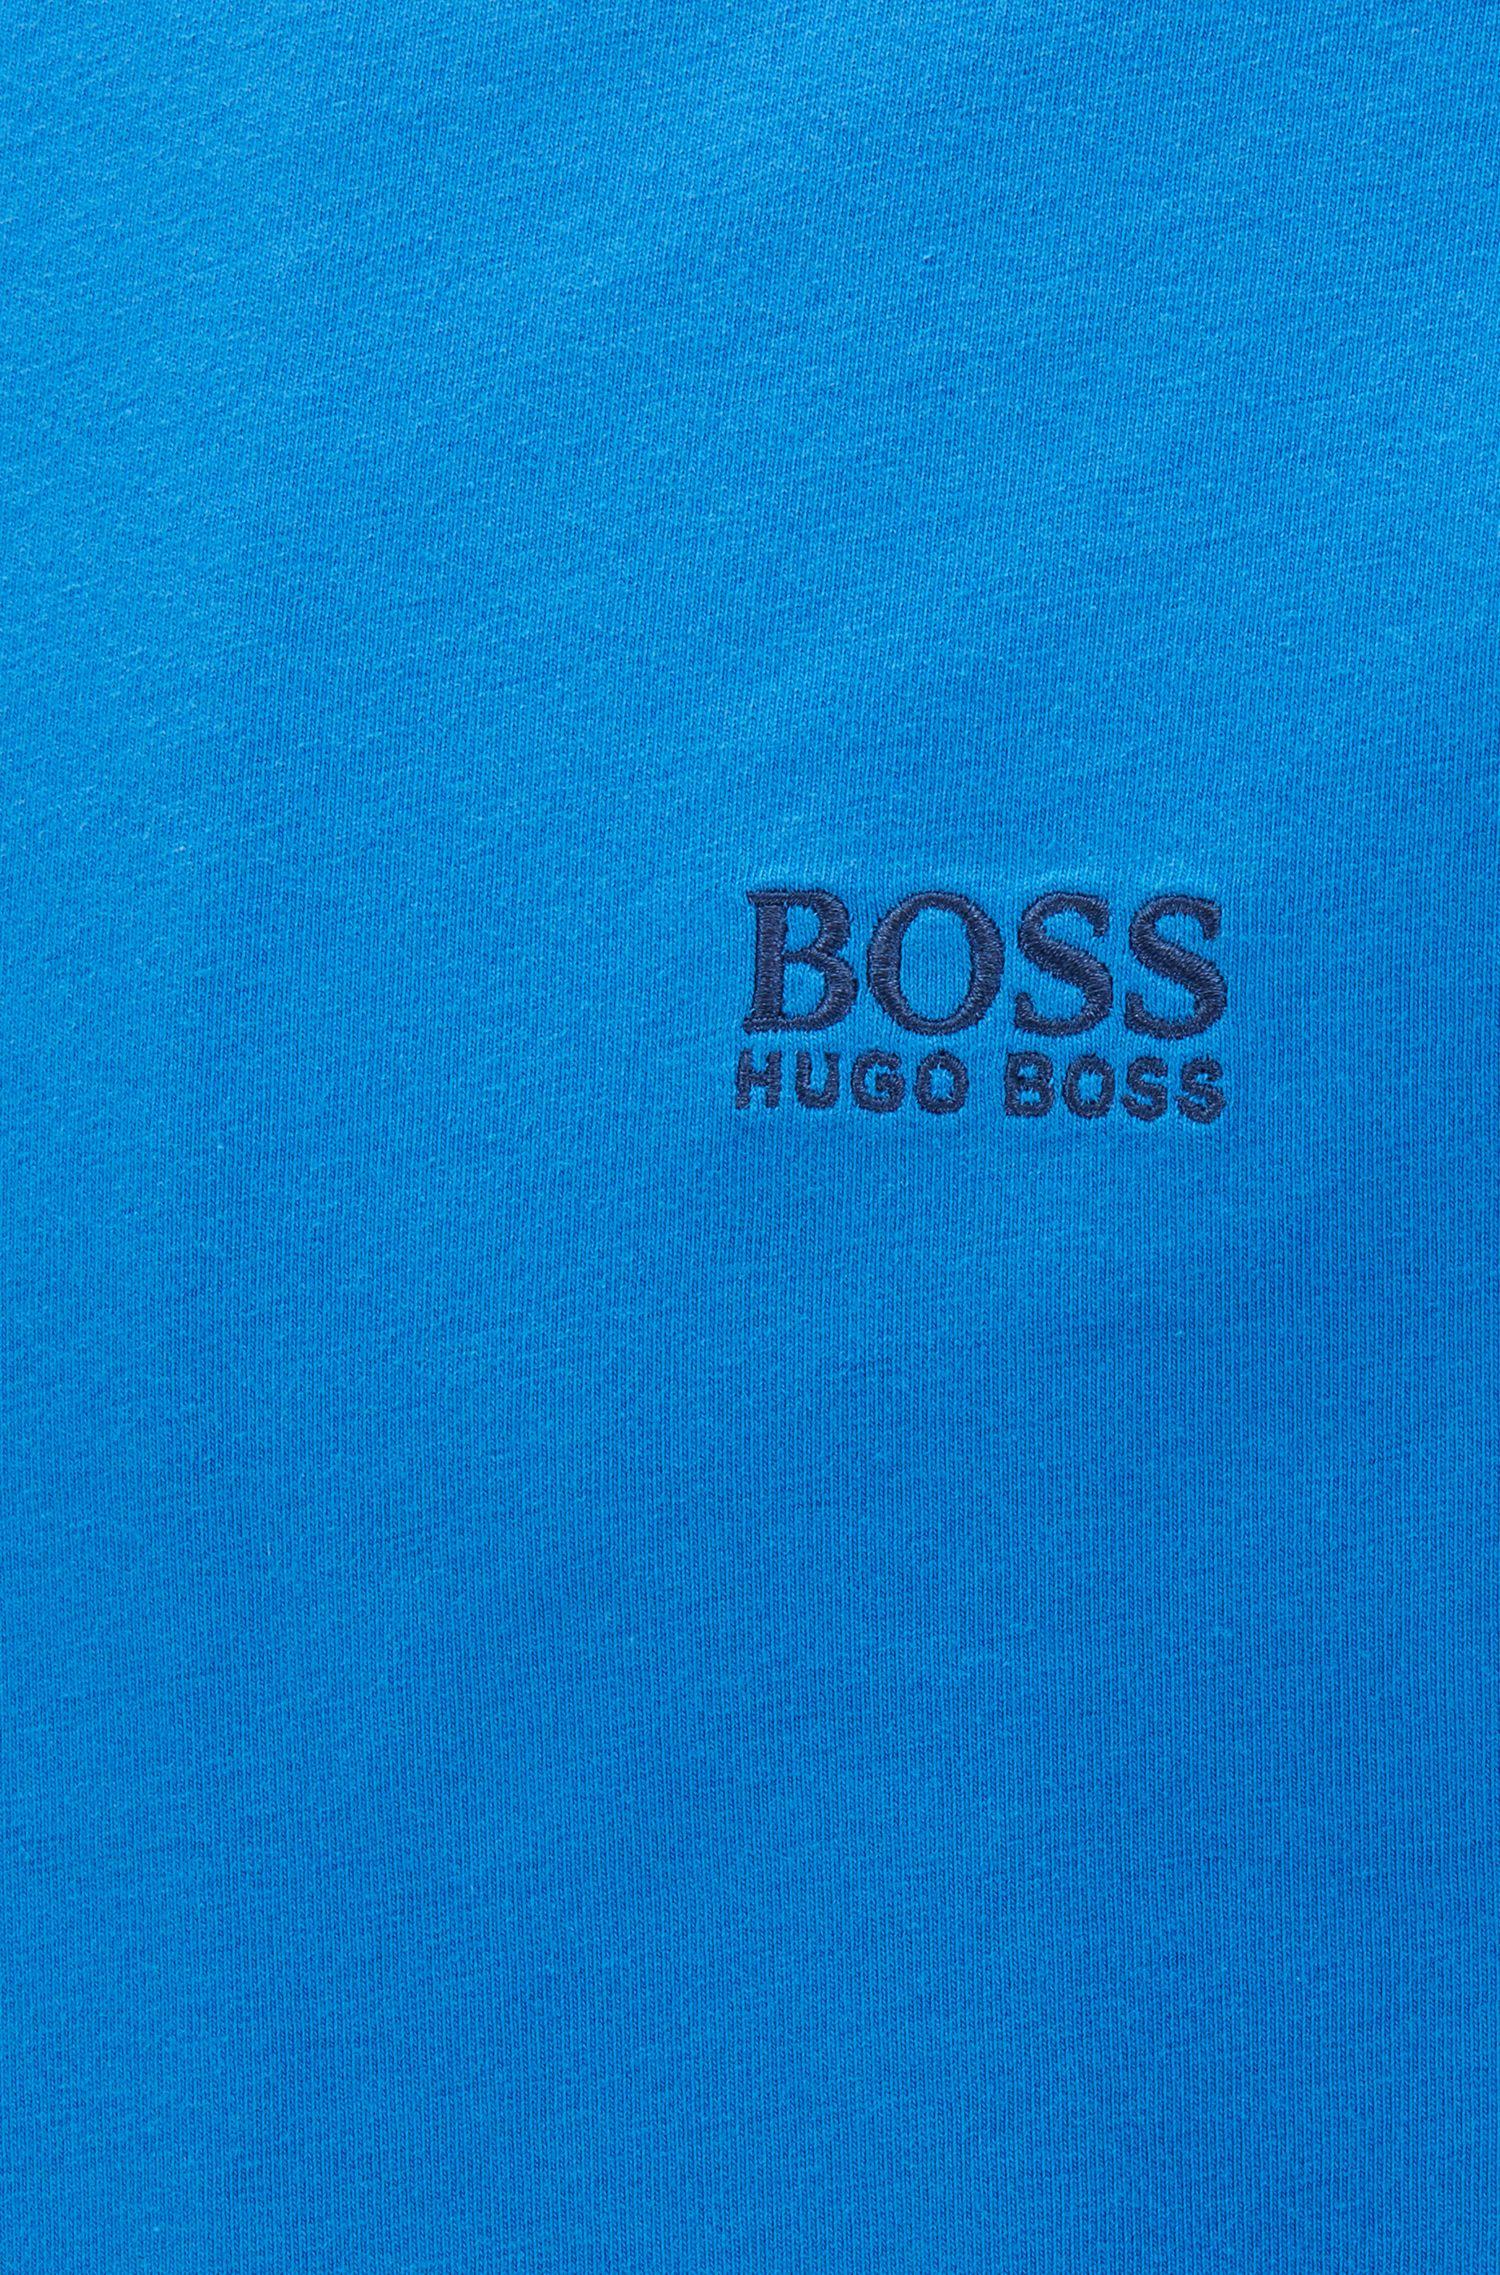 Giacca con cappuccio e zip integrale in jersey di cotone elasticizzato con profili a contrasto, Blu